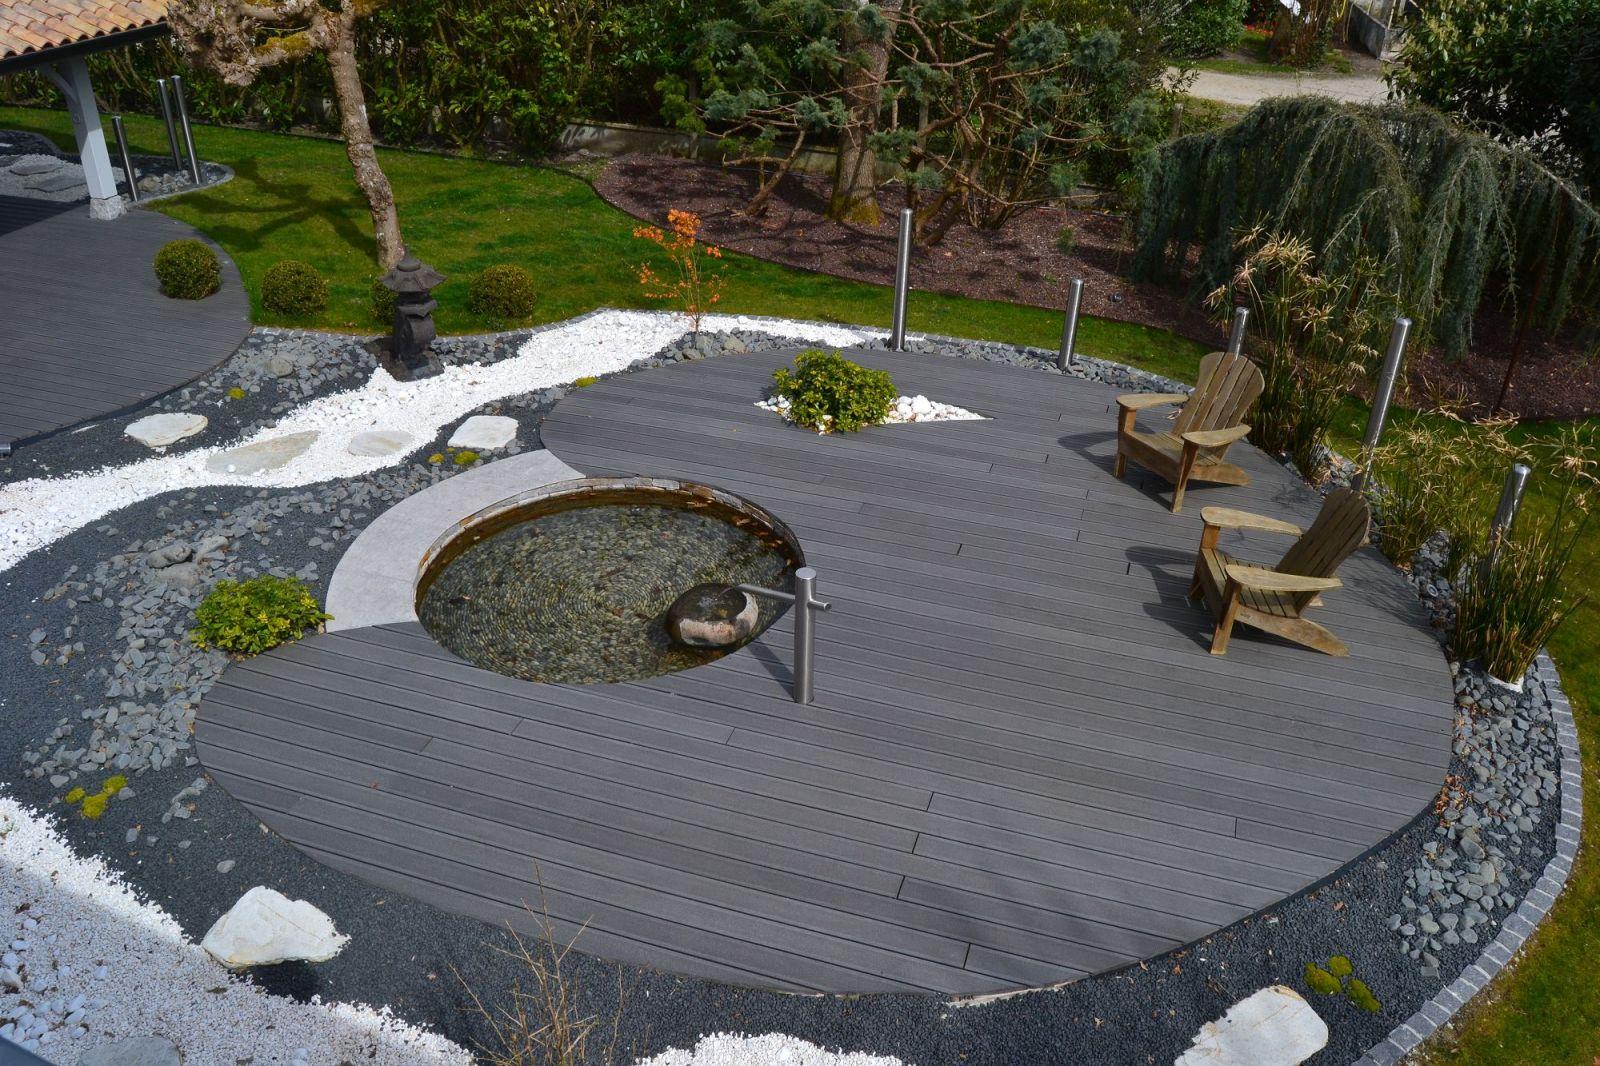 Conception Et Aménagement D'un Jardin Zen Par Un Paysagiste ... tout Aménagement Du Jardin Photo